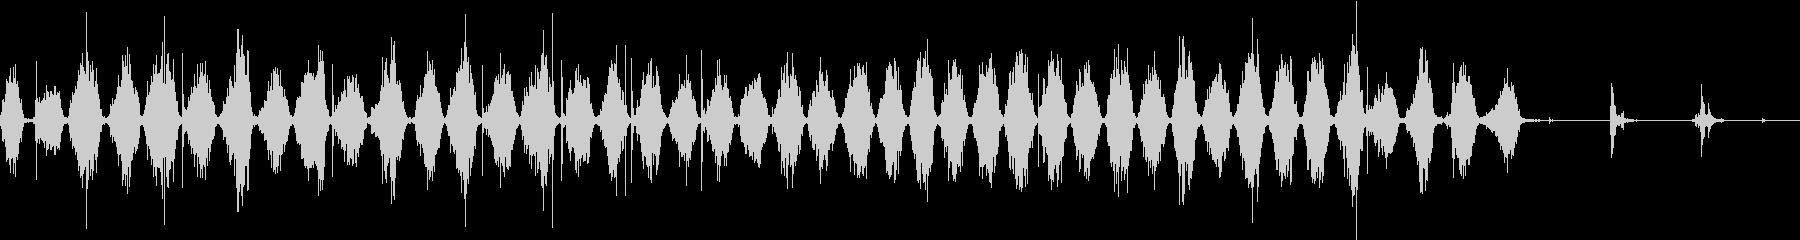 【生録音】ノコギリで物を切る音 2の未再生の波形